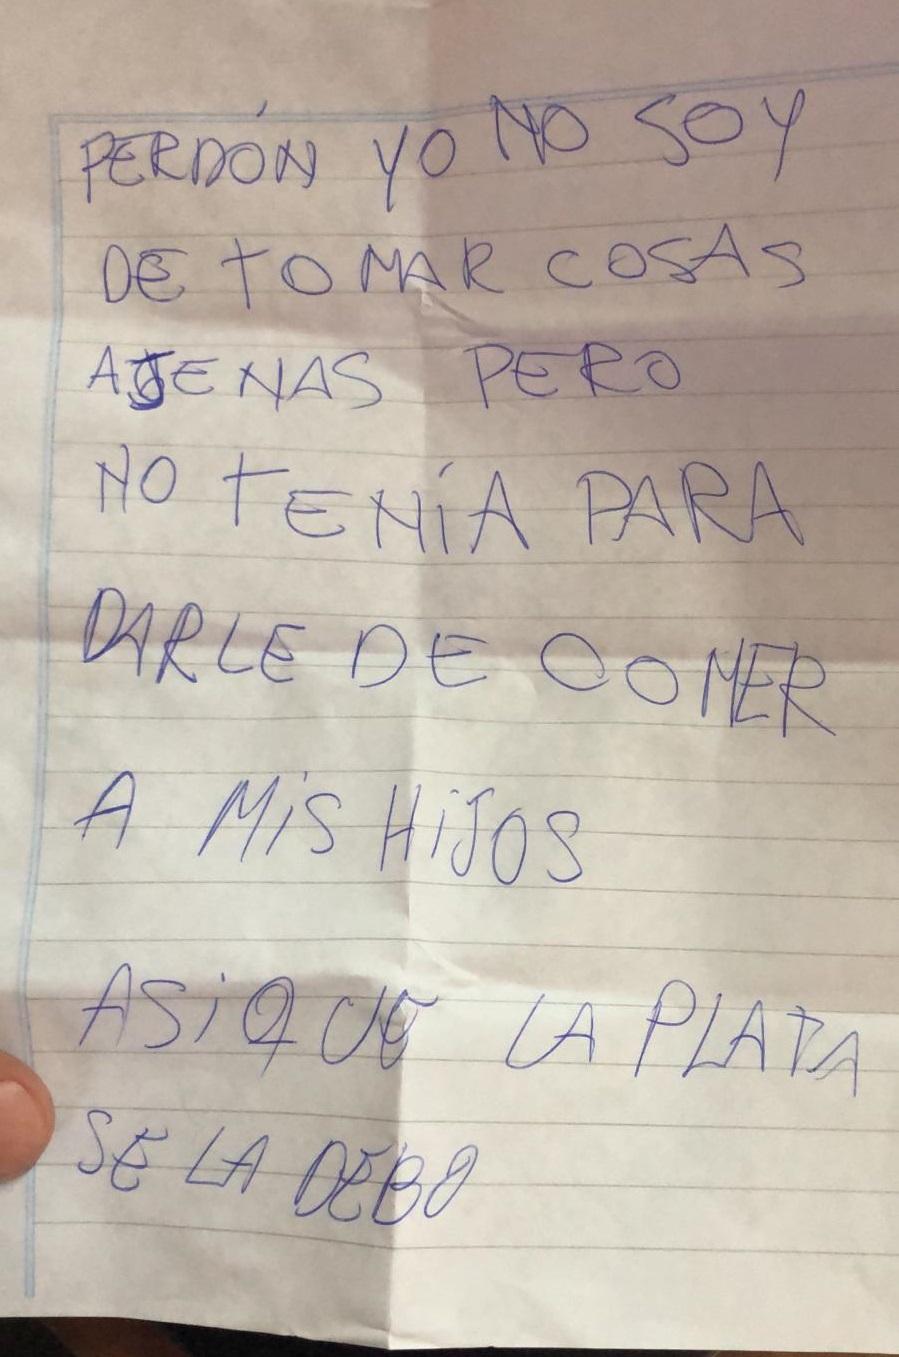 La nota que había en la billetera.